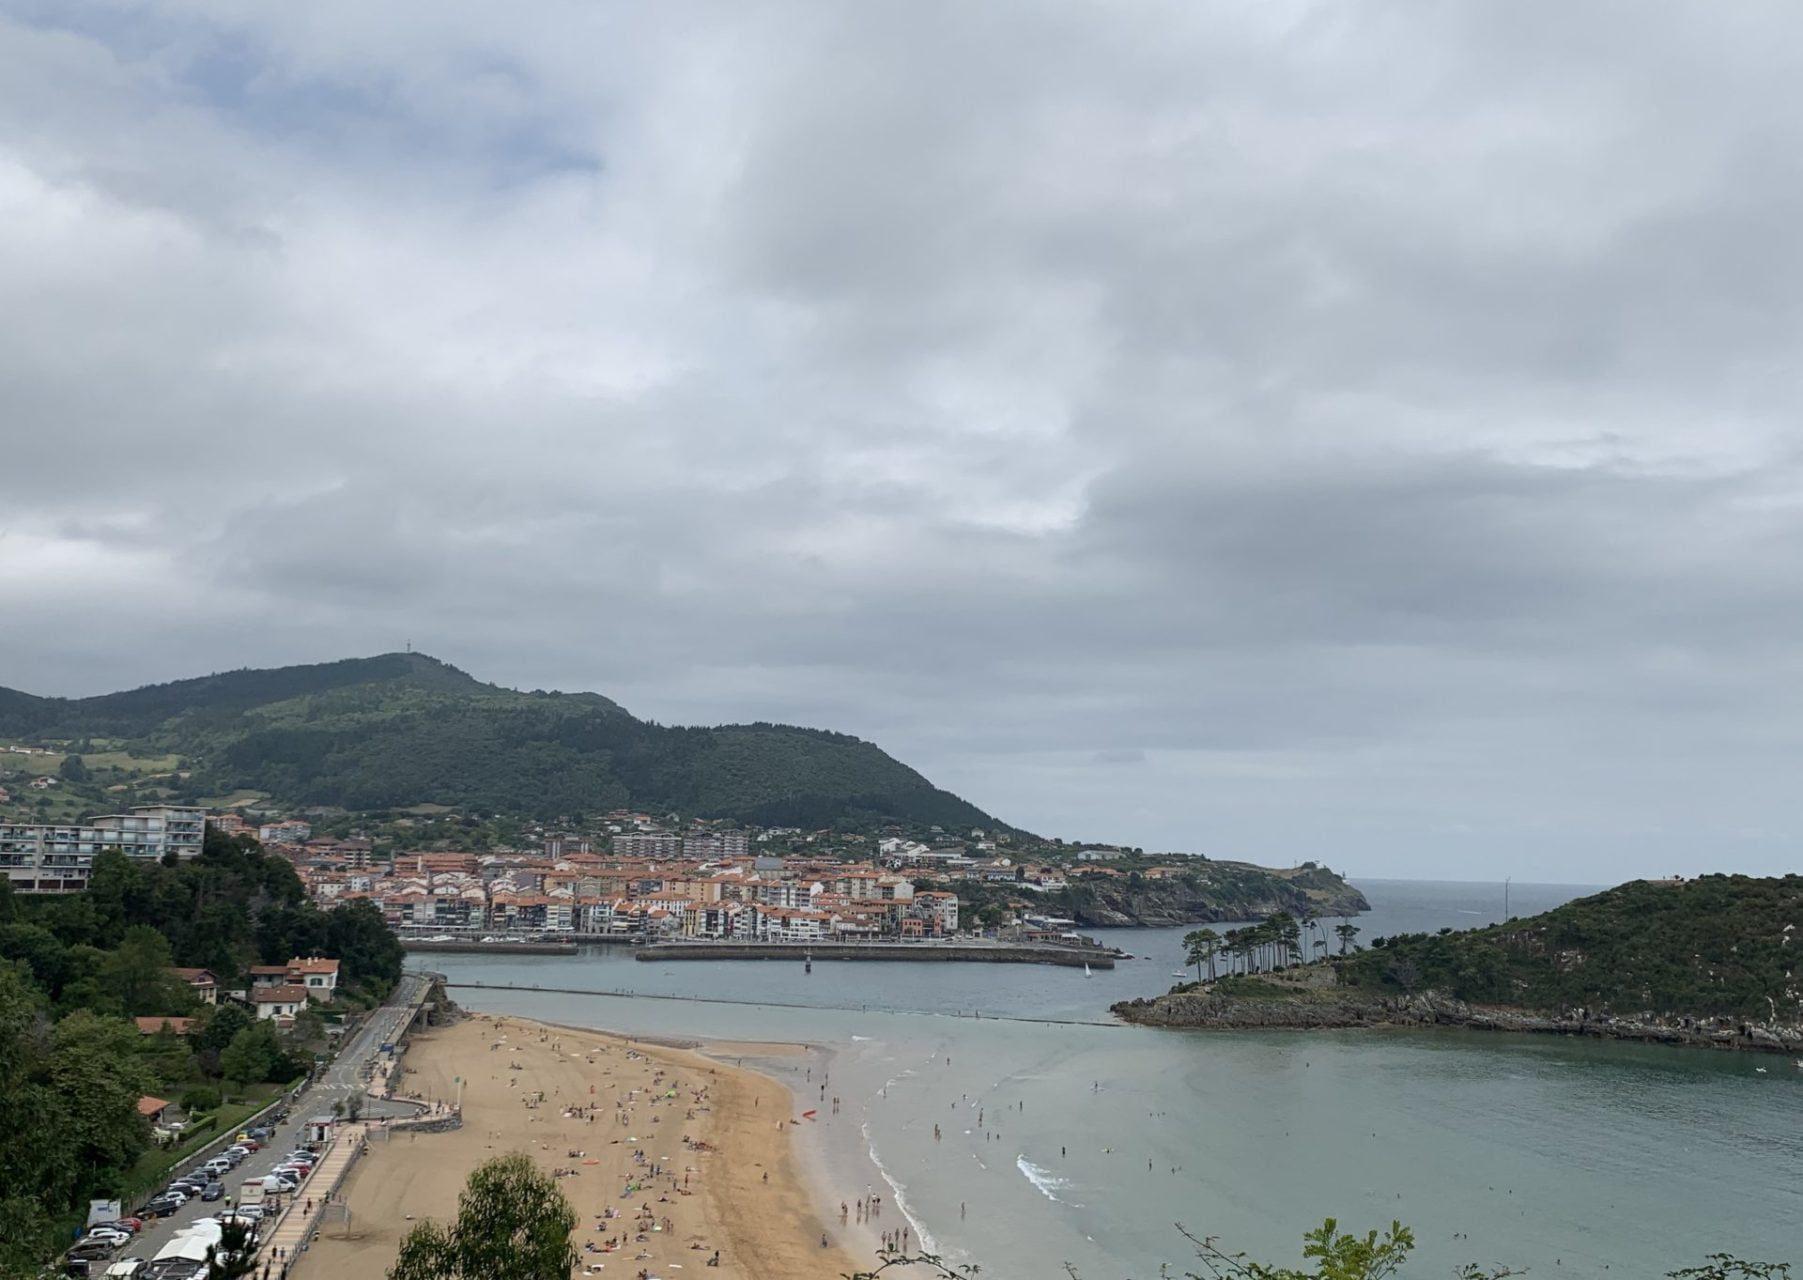 Lekeitio – Dé tip voor een heerlijke vakantie in Biskaje